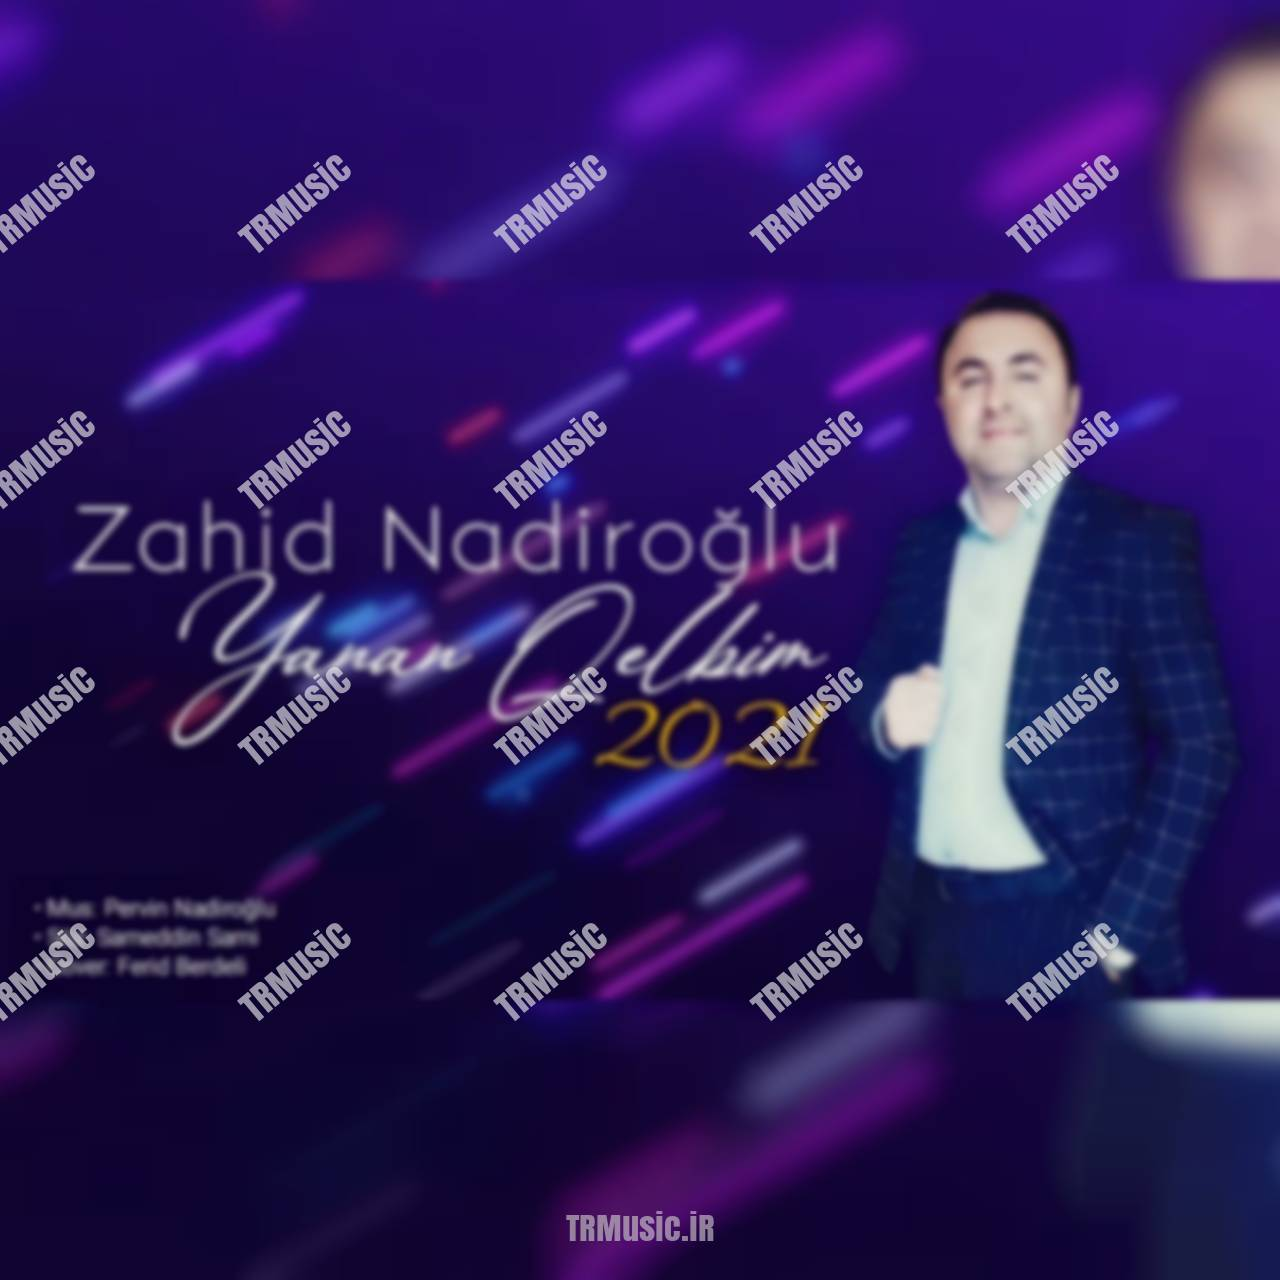 زاهید نادراوغلو - یانان قلبیم